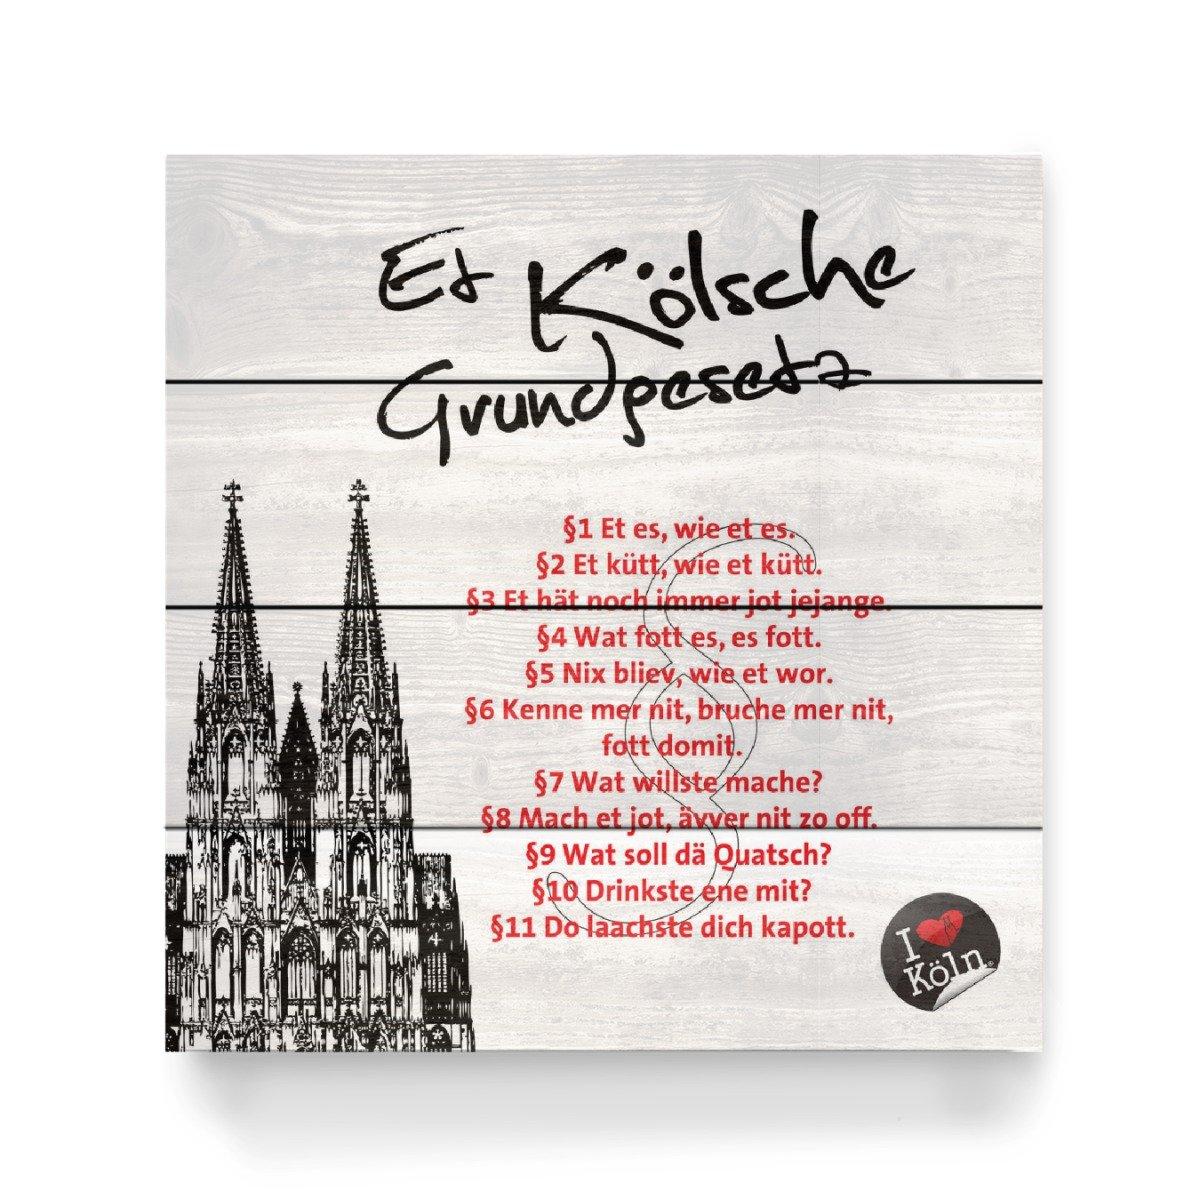 ArtboxONE Holzbild 40x40 cm Städte/Köln ET KÖLSCHE GRUNDGESETZ weiß von Künstler KoenigReich